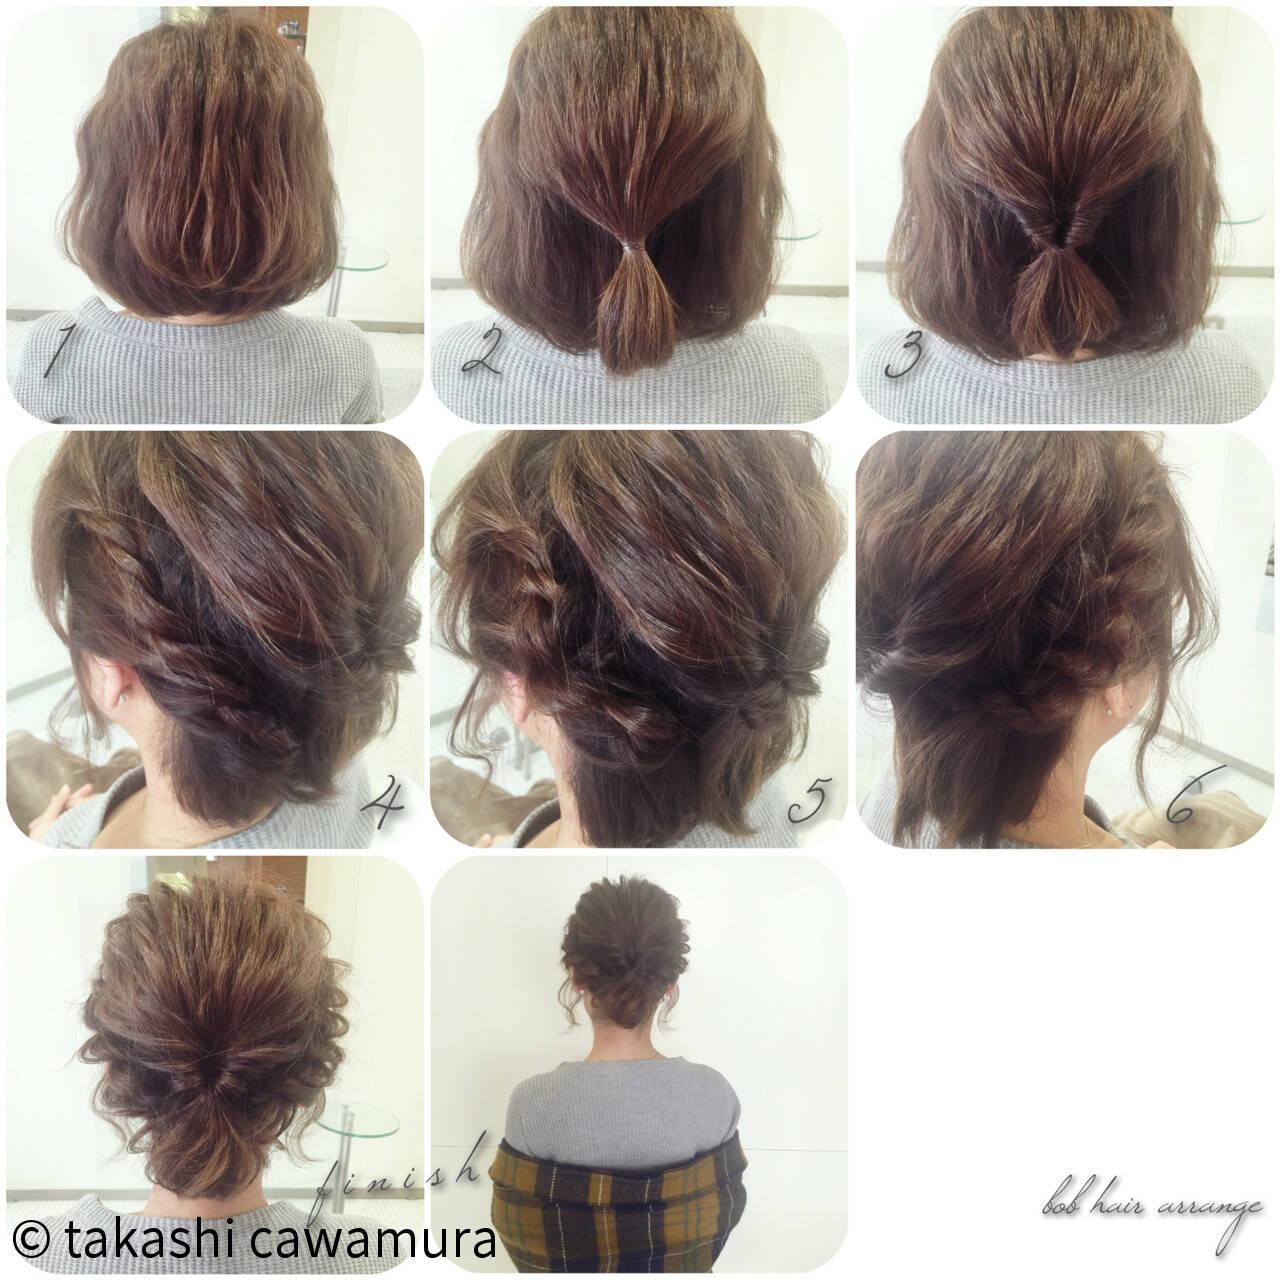 ツイスト 簡単ヘアアレンジ ボブ 大人かわいいヘアスタイルや髪型の写真・画像